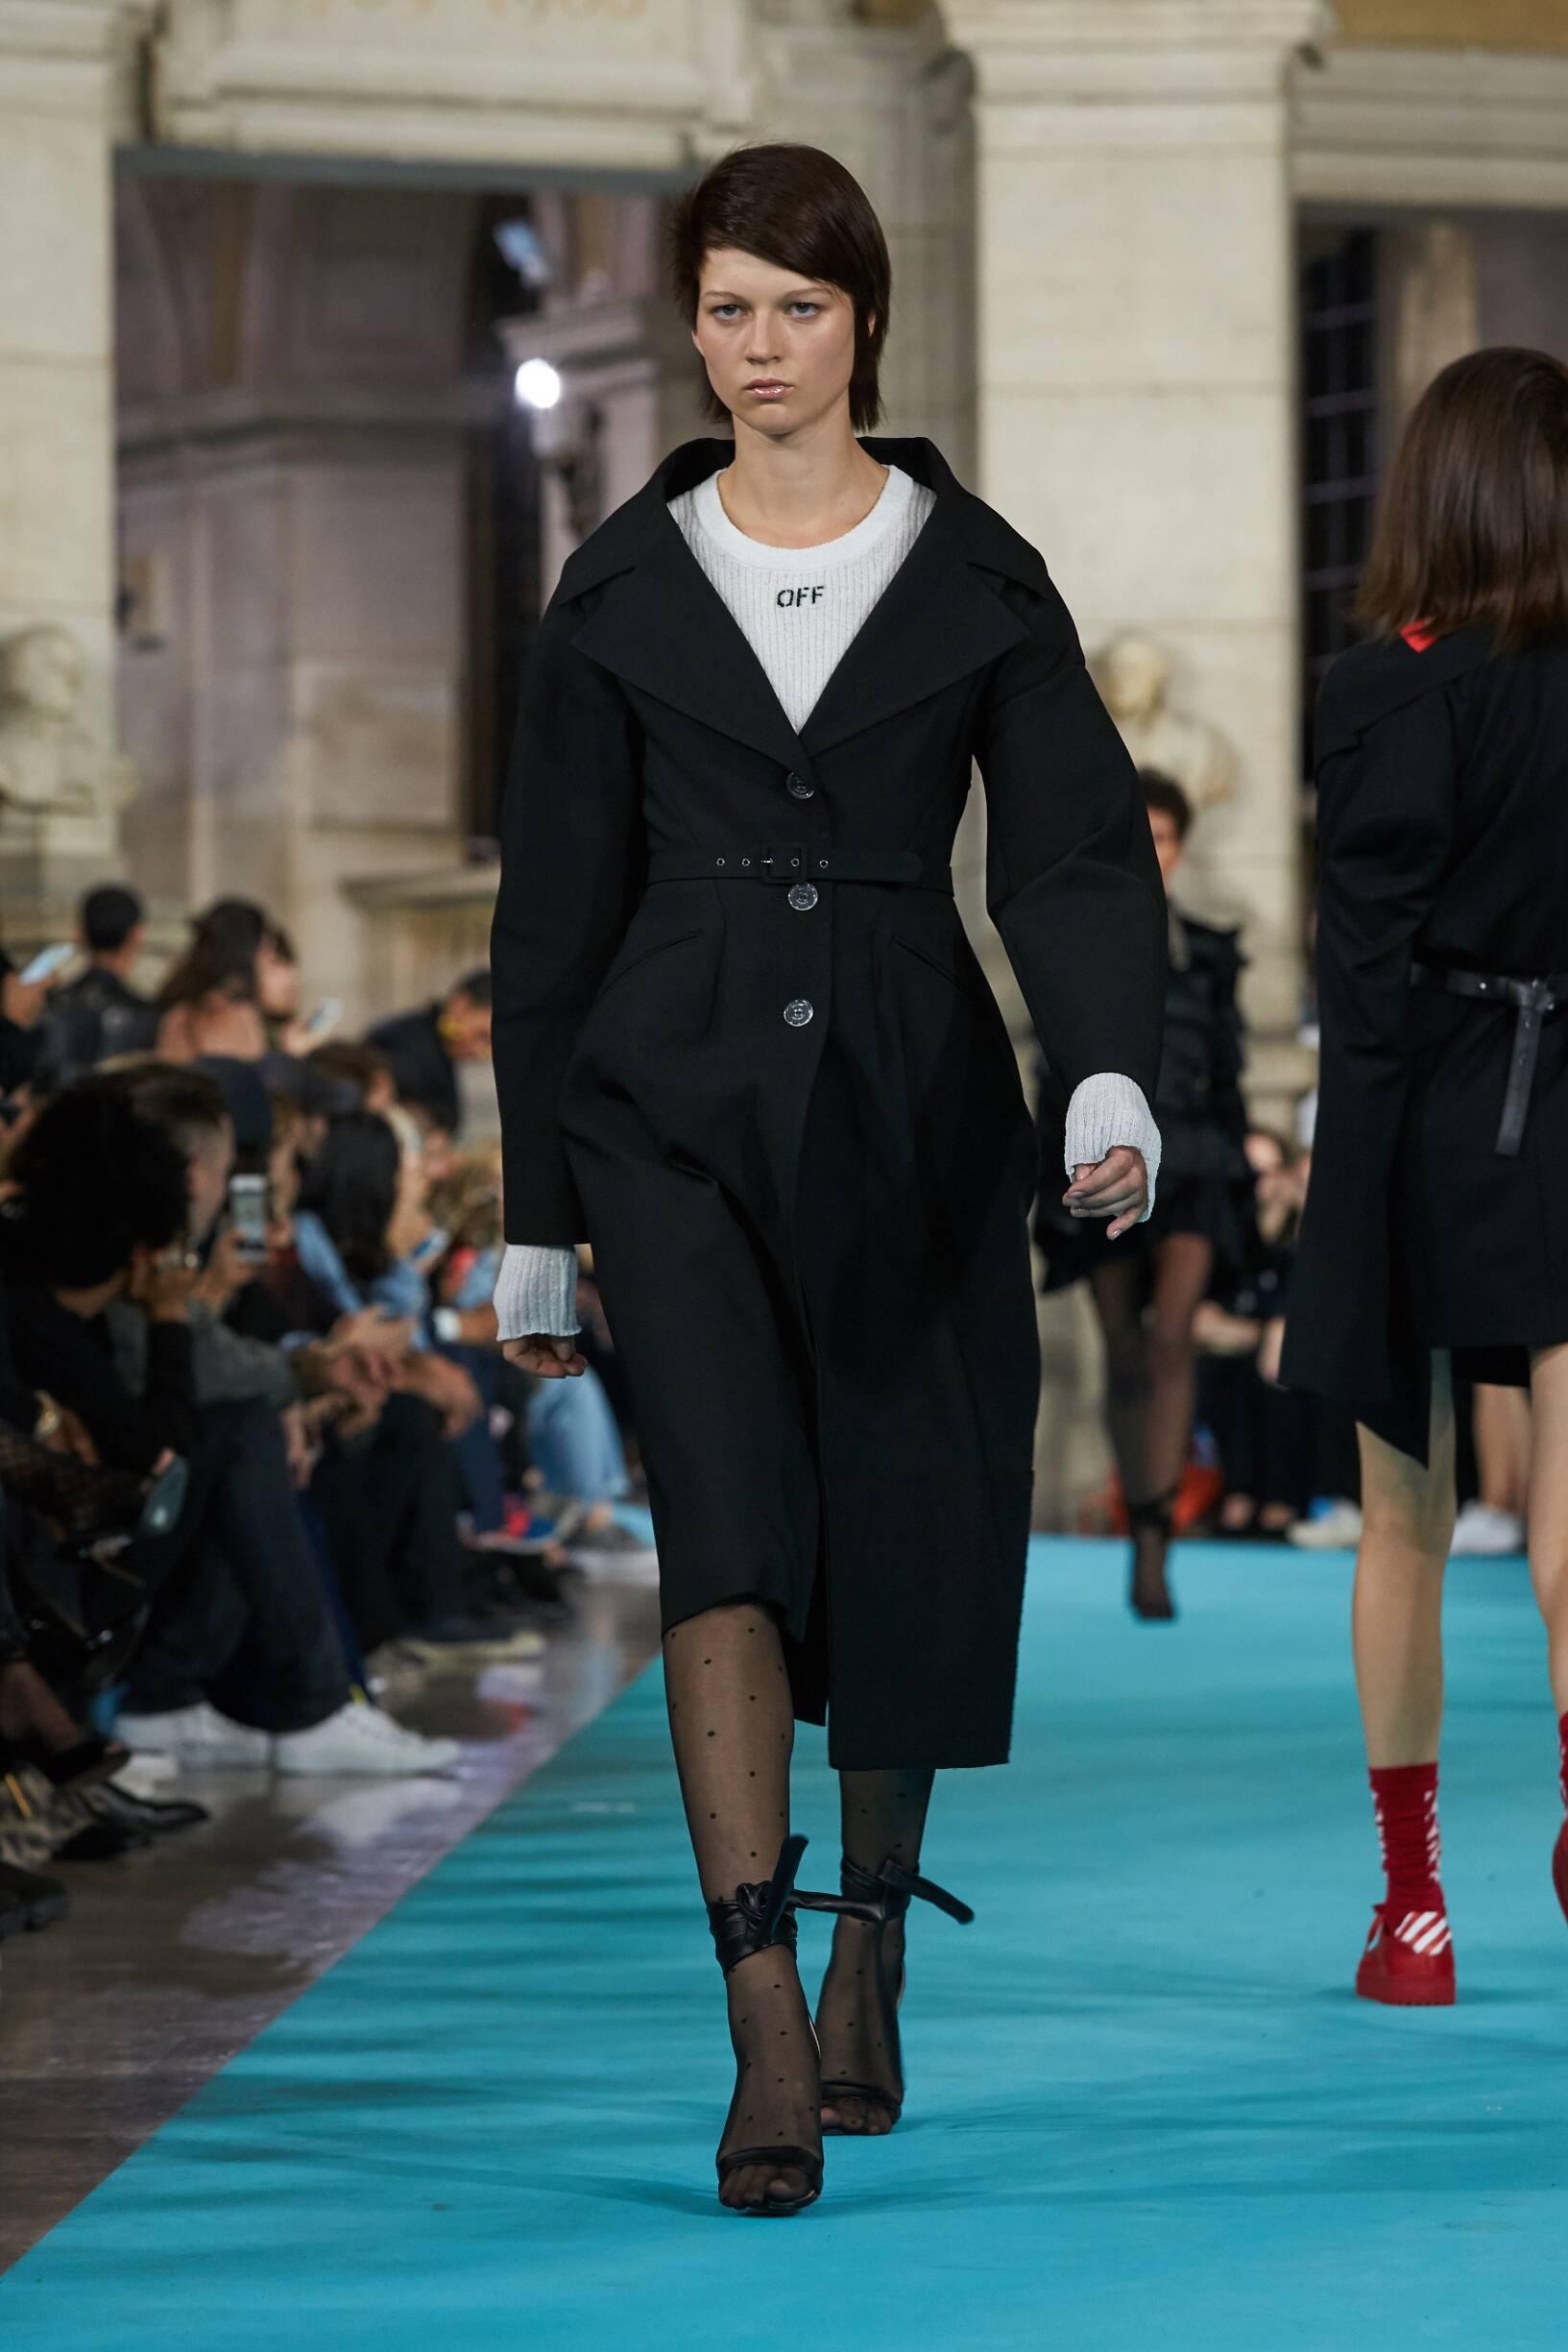 Fashion Model Off-White Catwalk